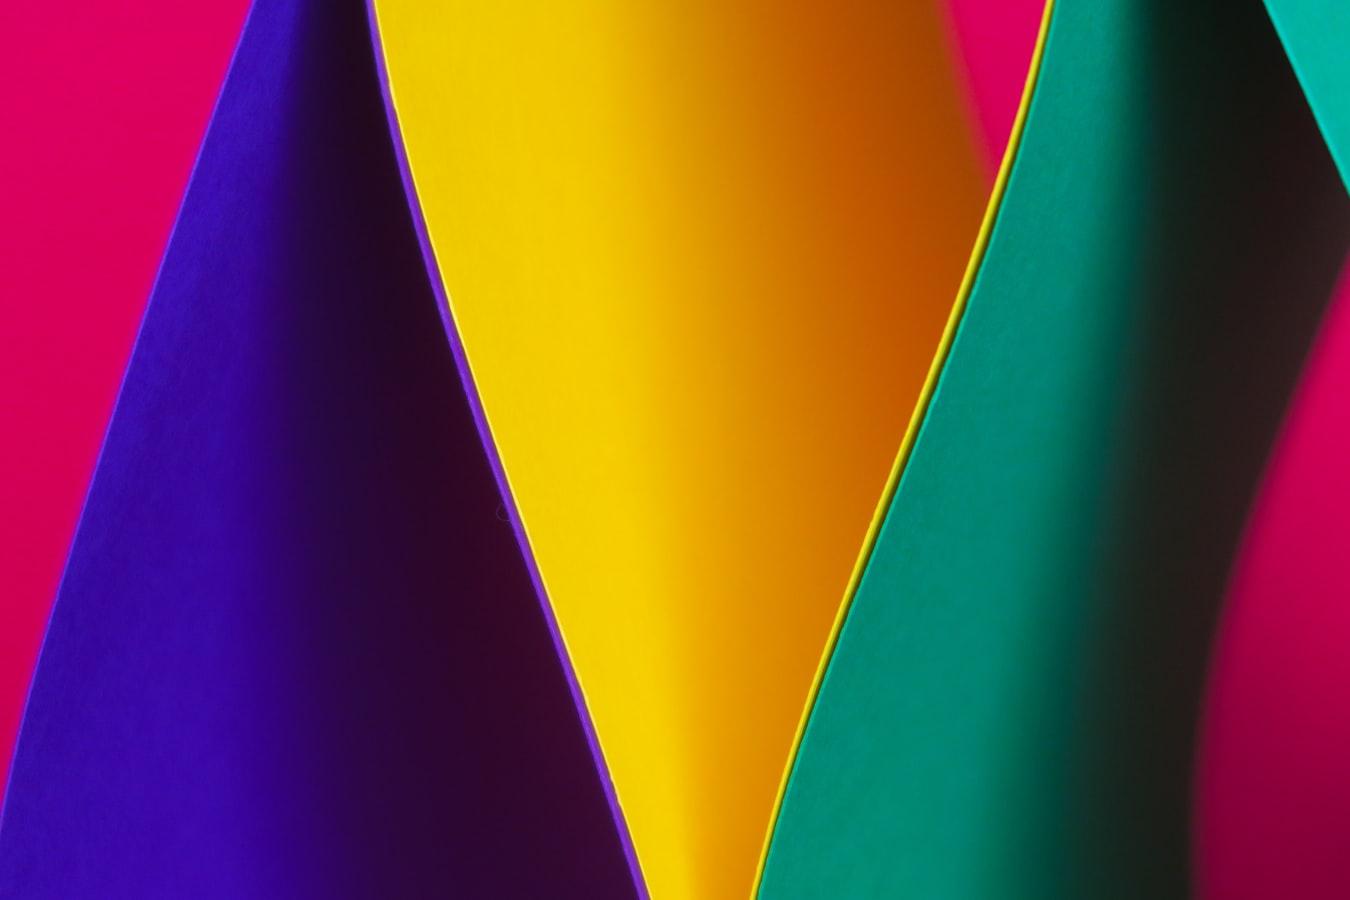 Le métier de coloriste : vous en verrez de toutes les couleurs